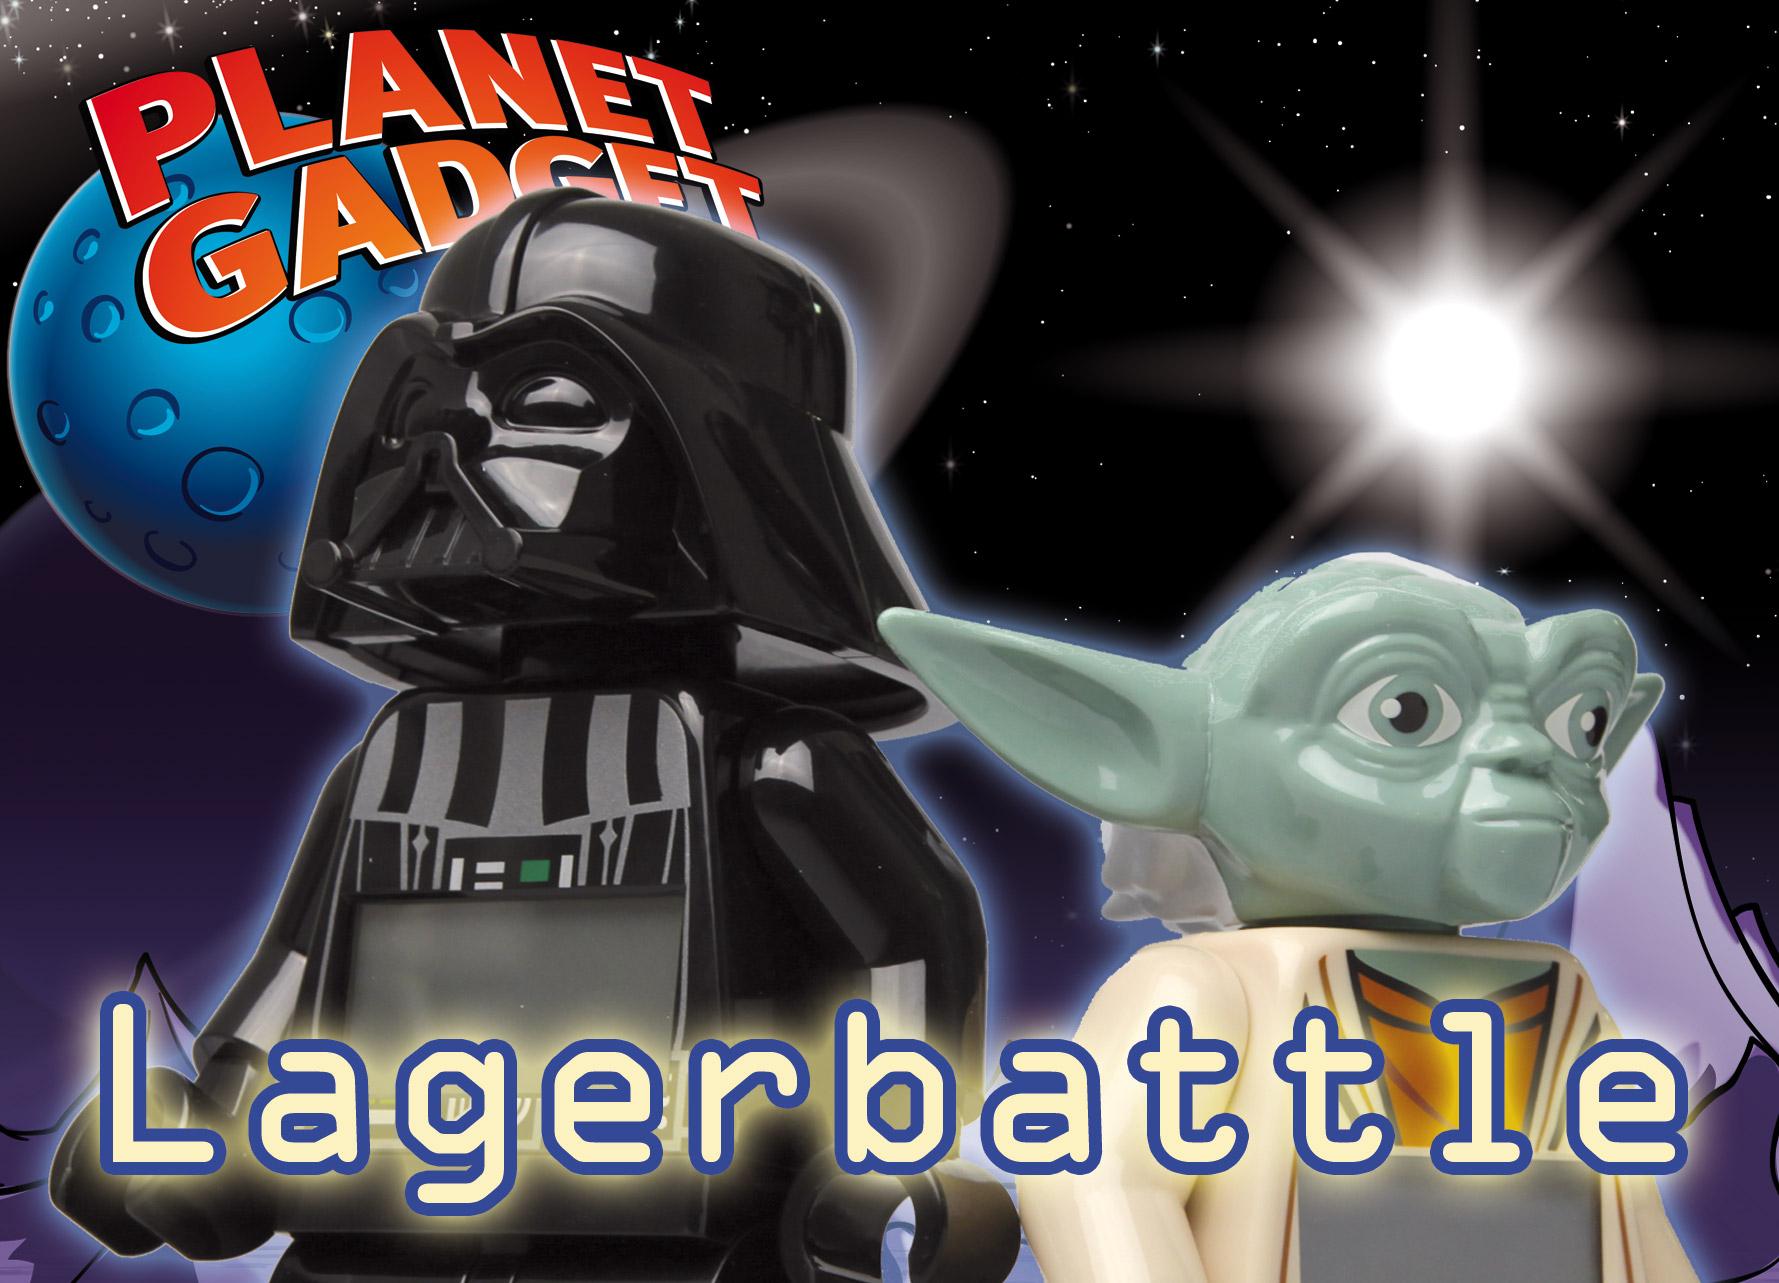 PlanetGadget Laberbattle